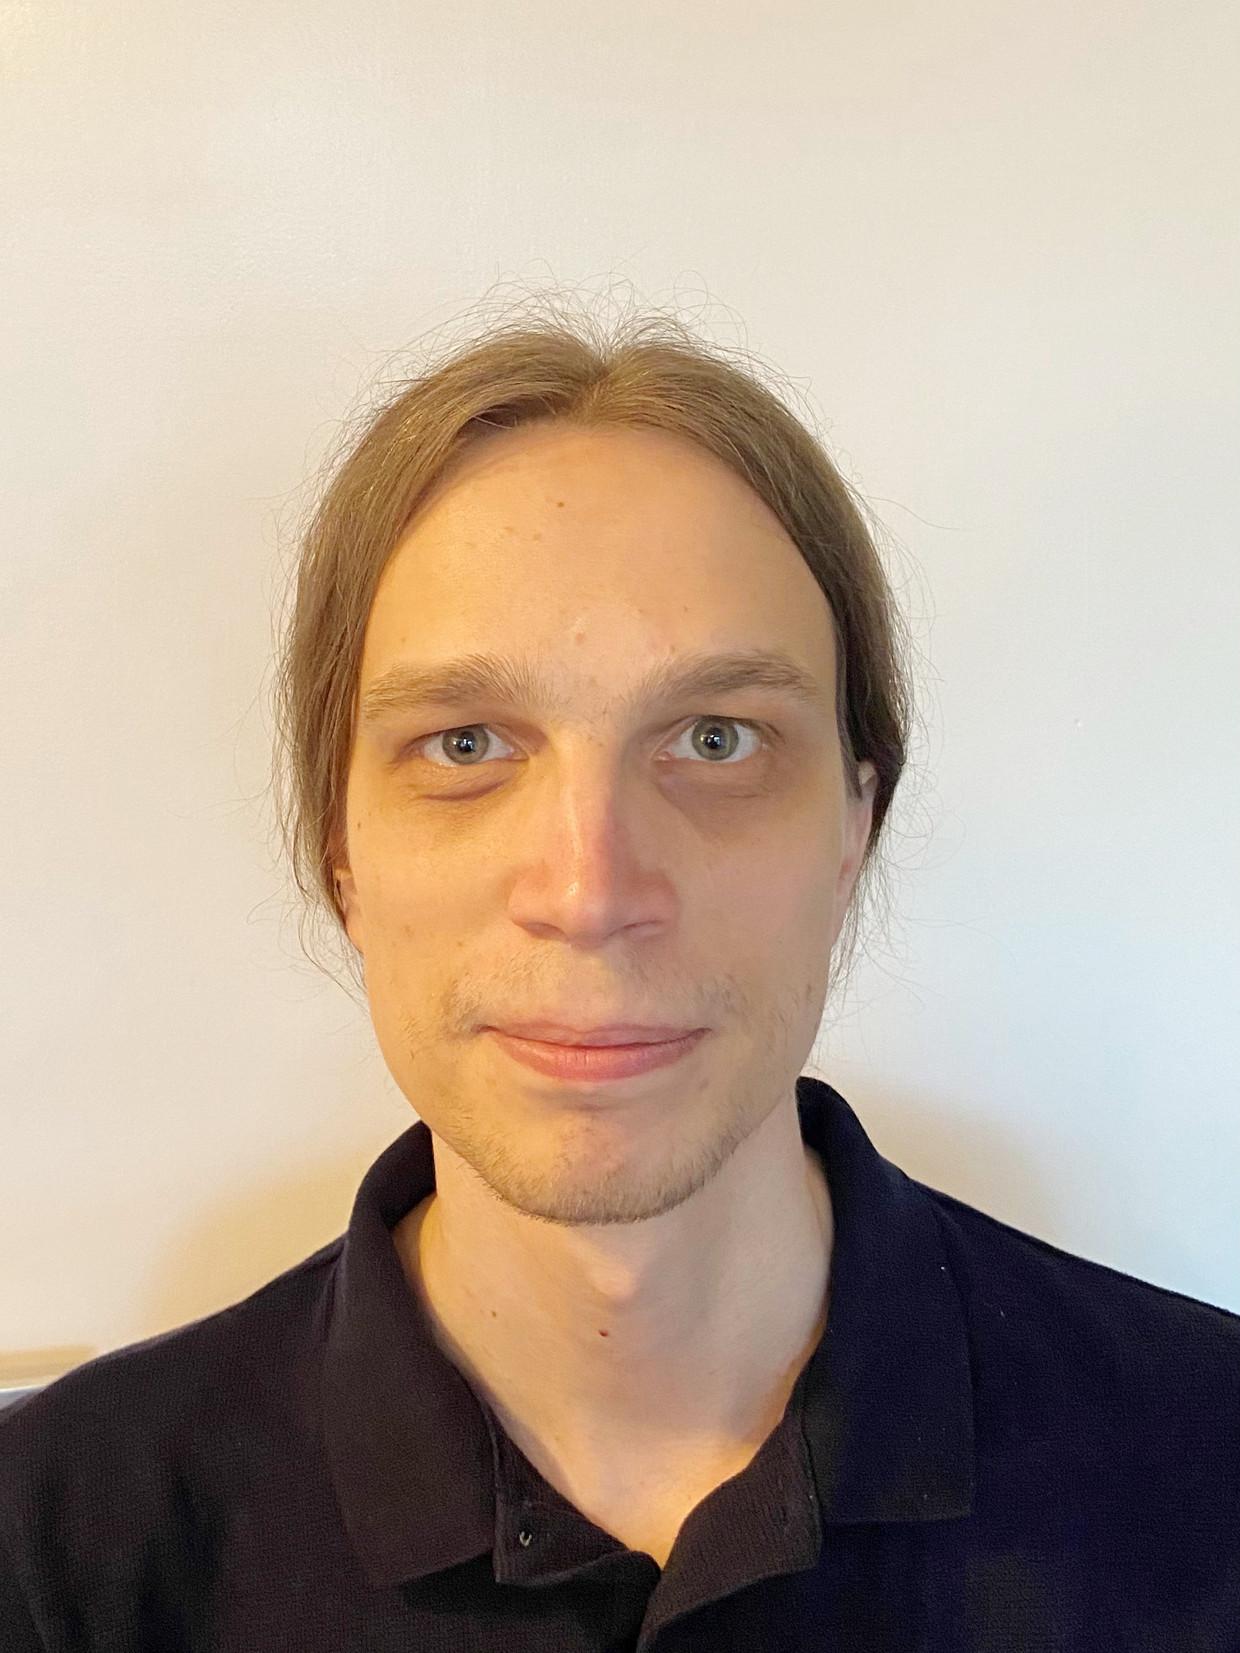 Thijs Alkemade (London, Canada, 18 januari 1990) studeerde wiskunde en informatica aan de Universiteit van Utrecht en behaalde in elk van die vakgebieden een master. Sinds enkele jaren werkt hij met onder anderen Daan Keuper op de onderzoeksafdeling van het bedrijf Computest, waar ze zoeken naar kwetsbaarheden in verschillende applicaties, zoals die voor slimme huishoudelijke apparaten en autosystemen.  Beeld -